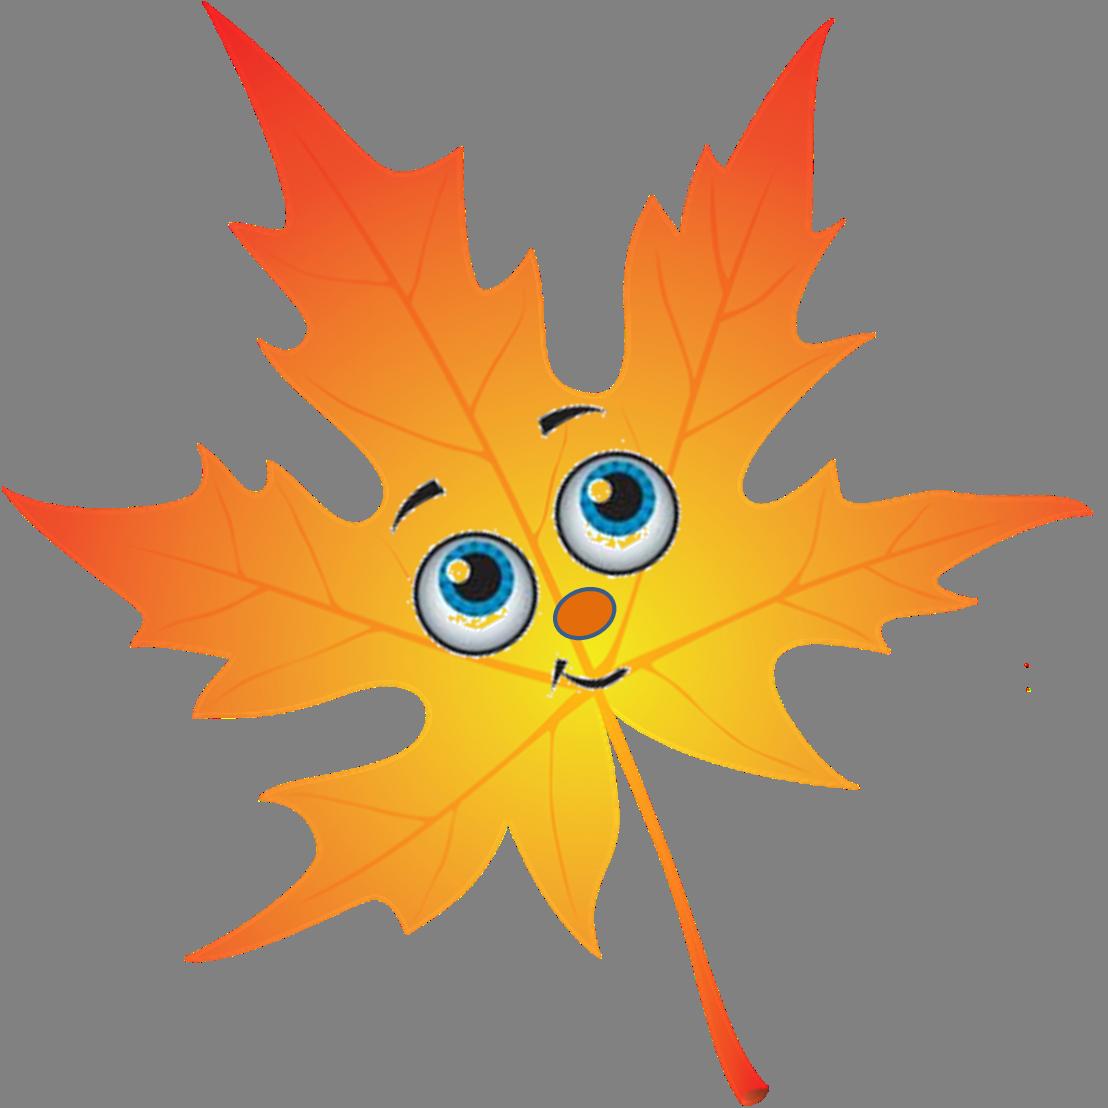 картинки красивые осенние листья с глазками боеприпаса